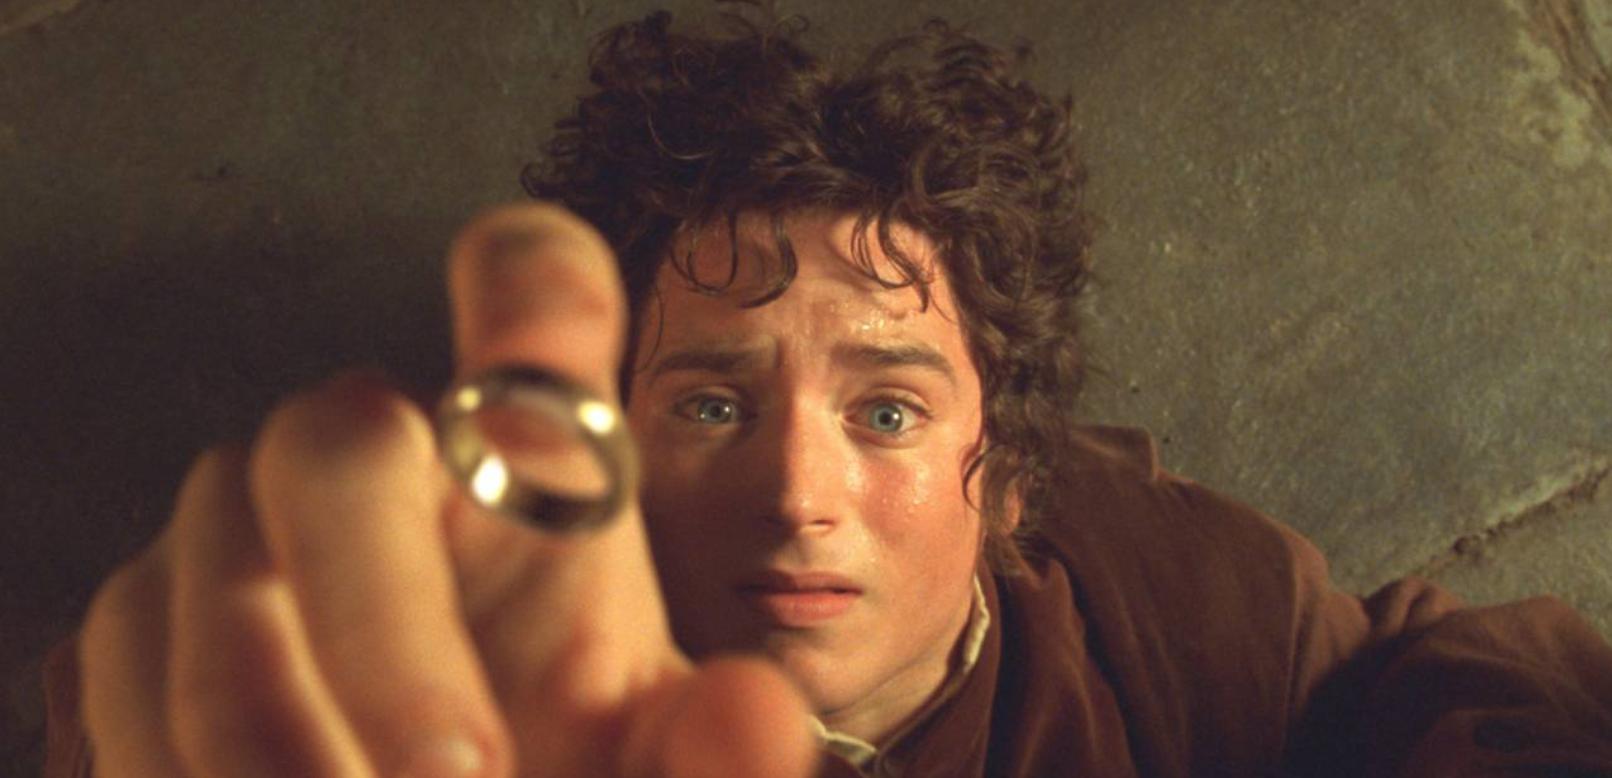 Screenshot of Frodo reaching for the Ring